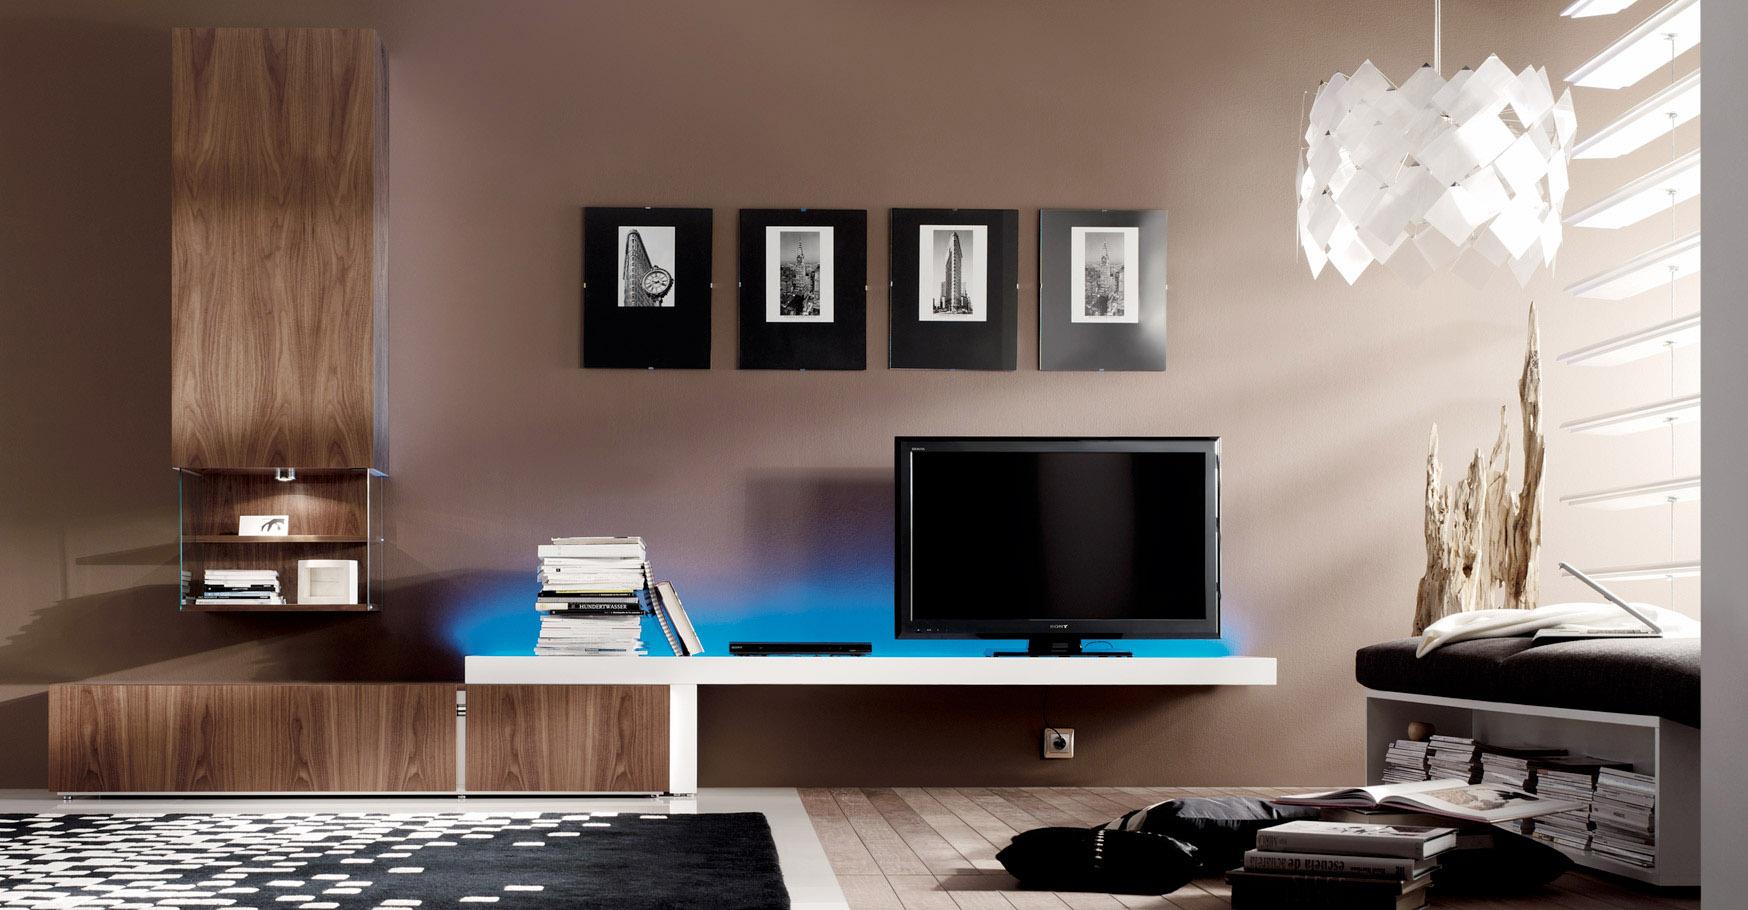 salones de estilo moderno (7)